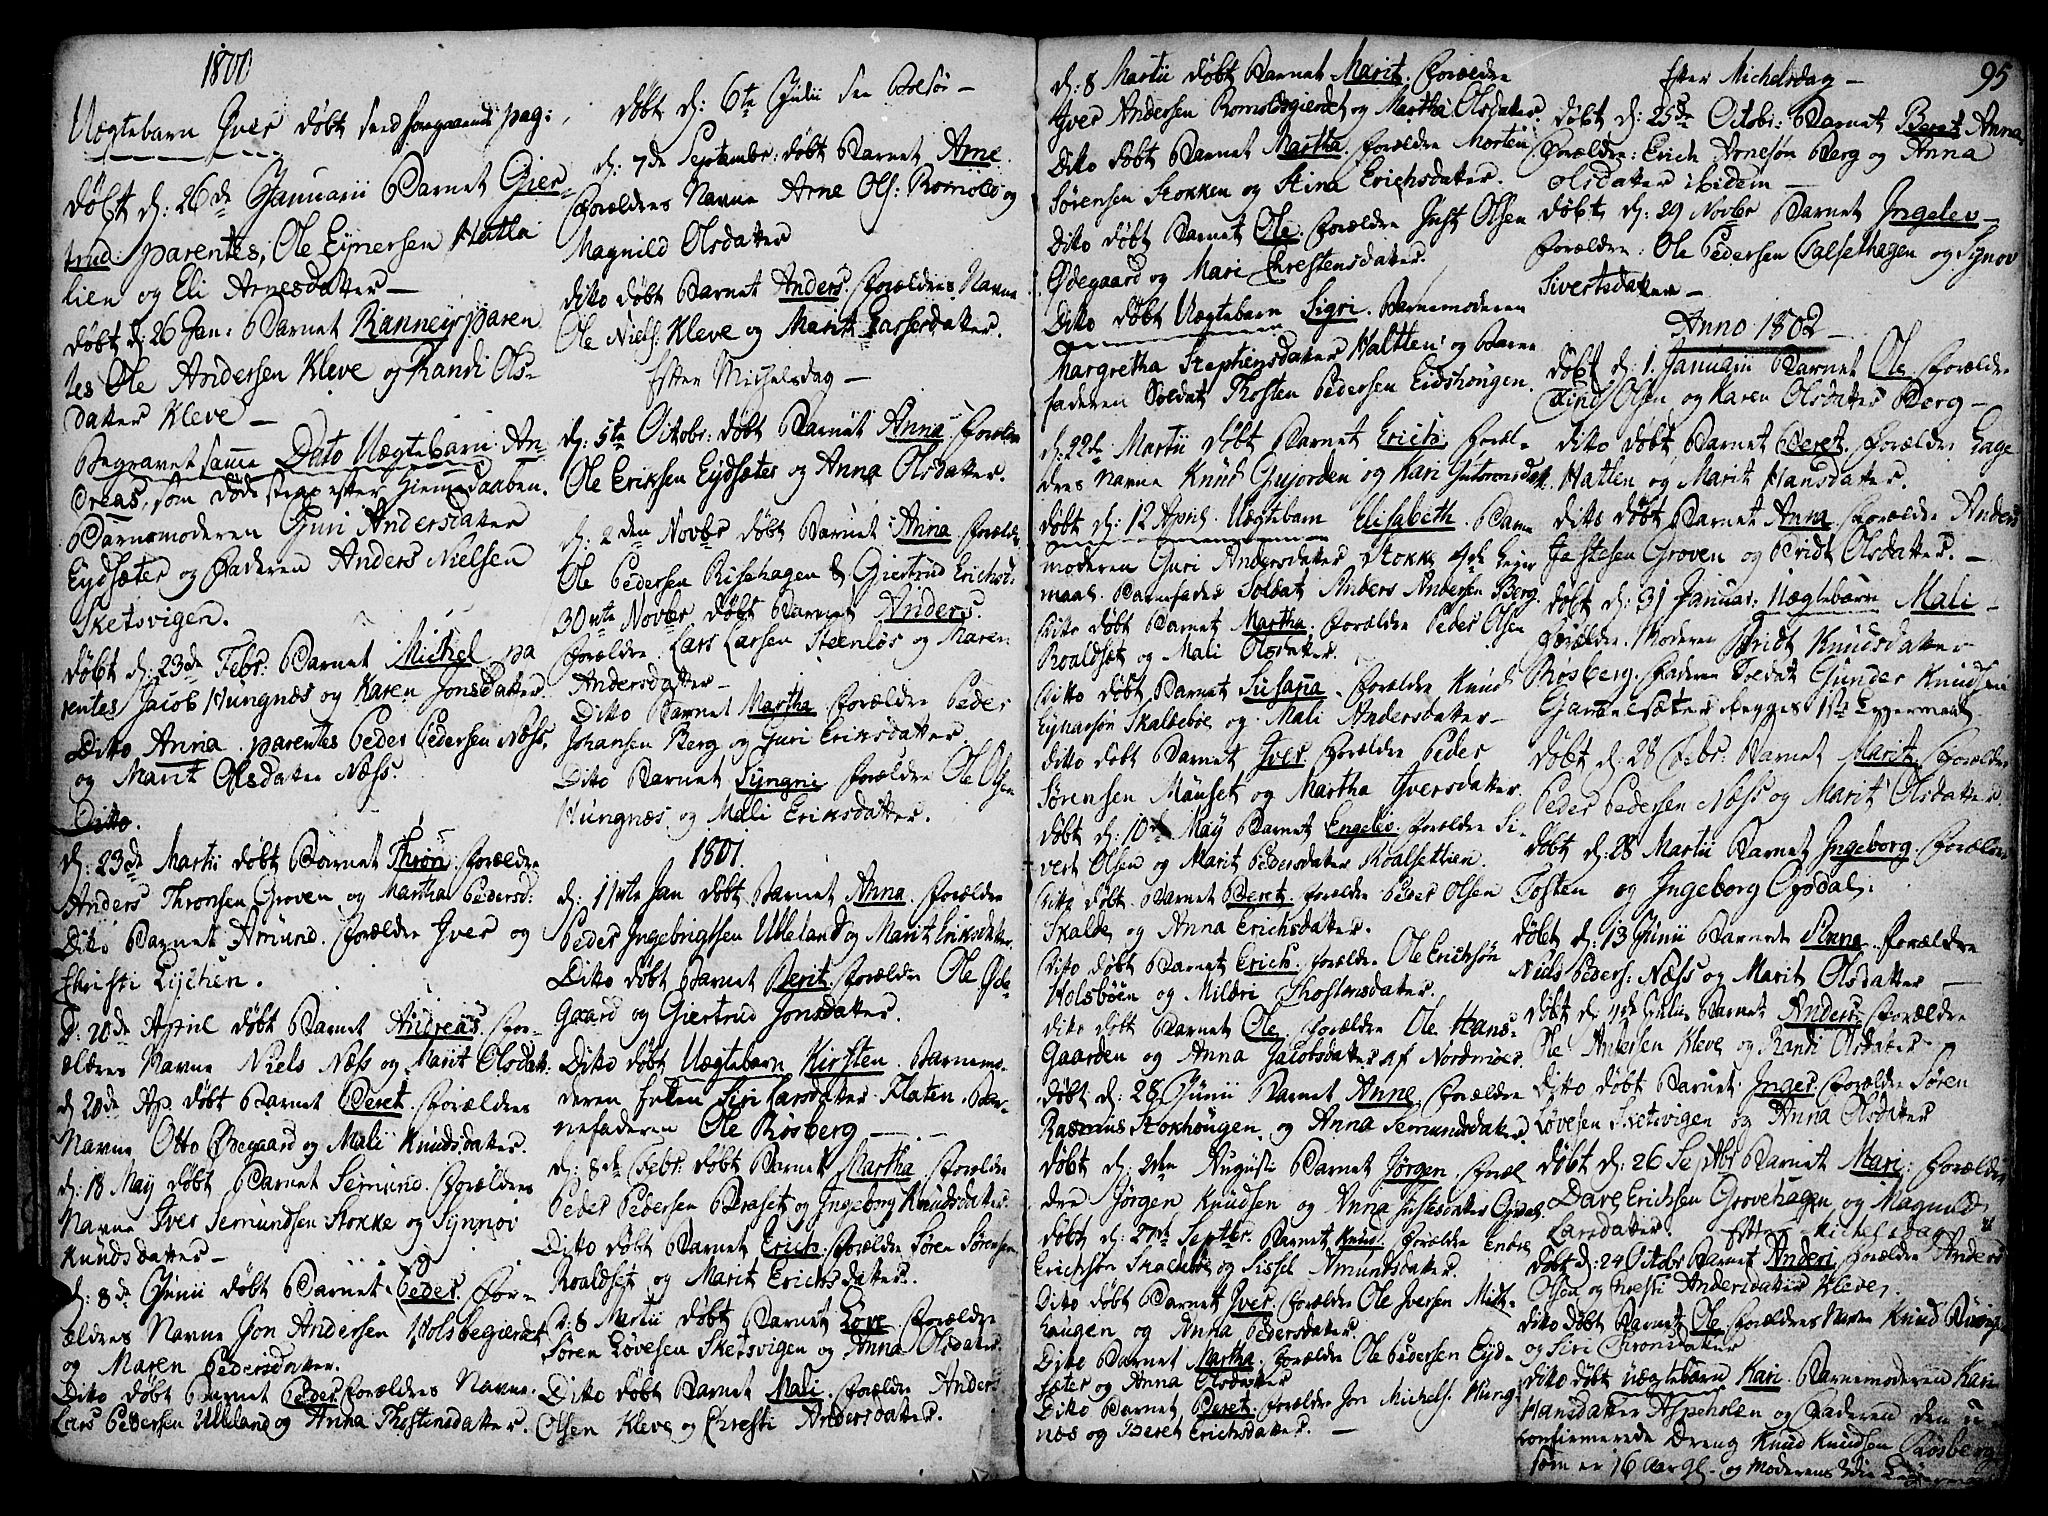 SAT, Ministerialprotokoller, klokkerbøker og fødselsregistre - Møre og Romsdal, 555/L0650: Ministerialbok nr. 555A02 /2, 1798-1821, s. 95